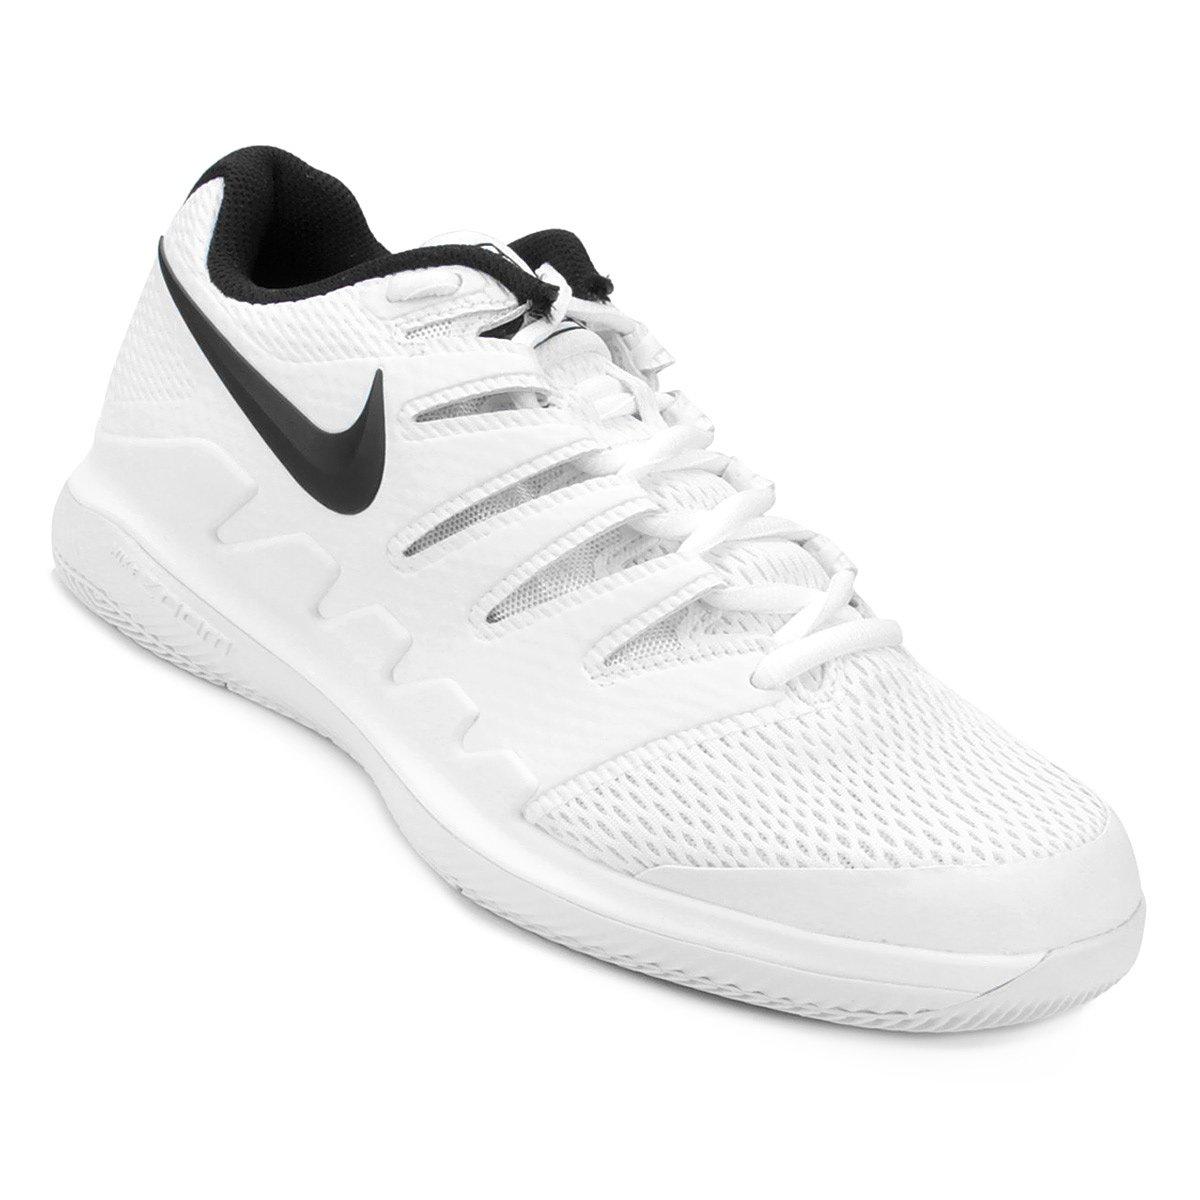 225201831 Tênis Nike Air Zoom Vapor X HC Masculino - Branco e Preto - Compre Agora